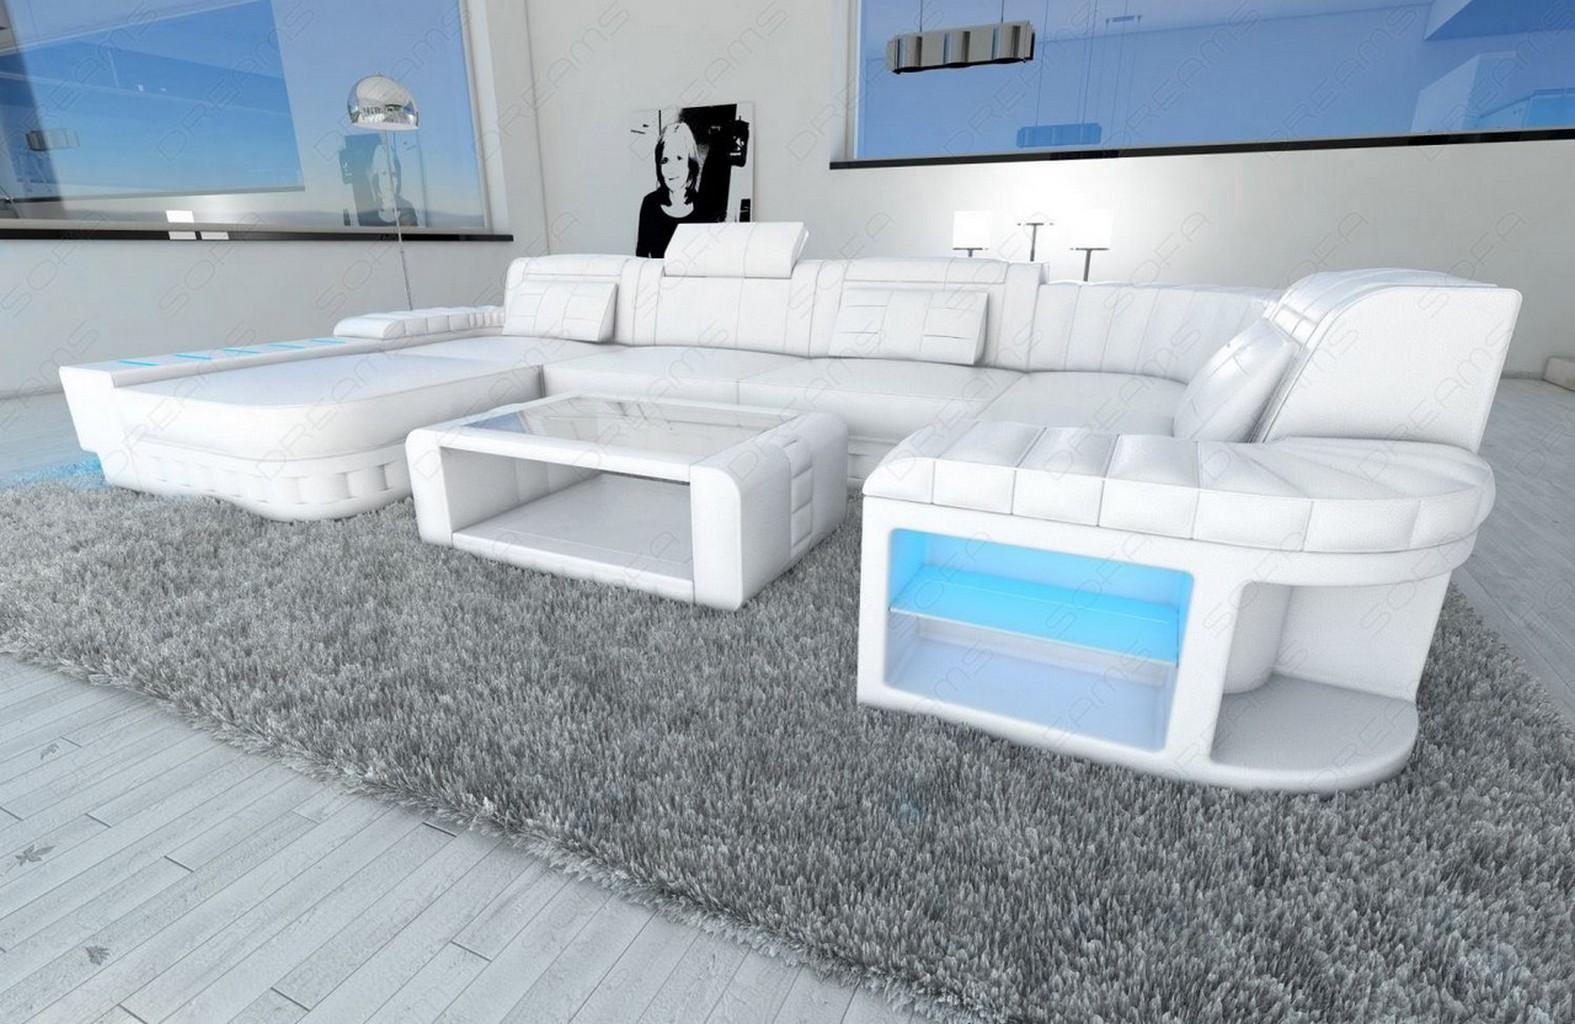 Sofagarnitur bellagio u form xl couch komplett weiss for Boxspring couch u form